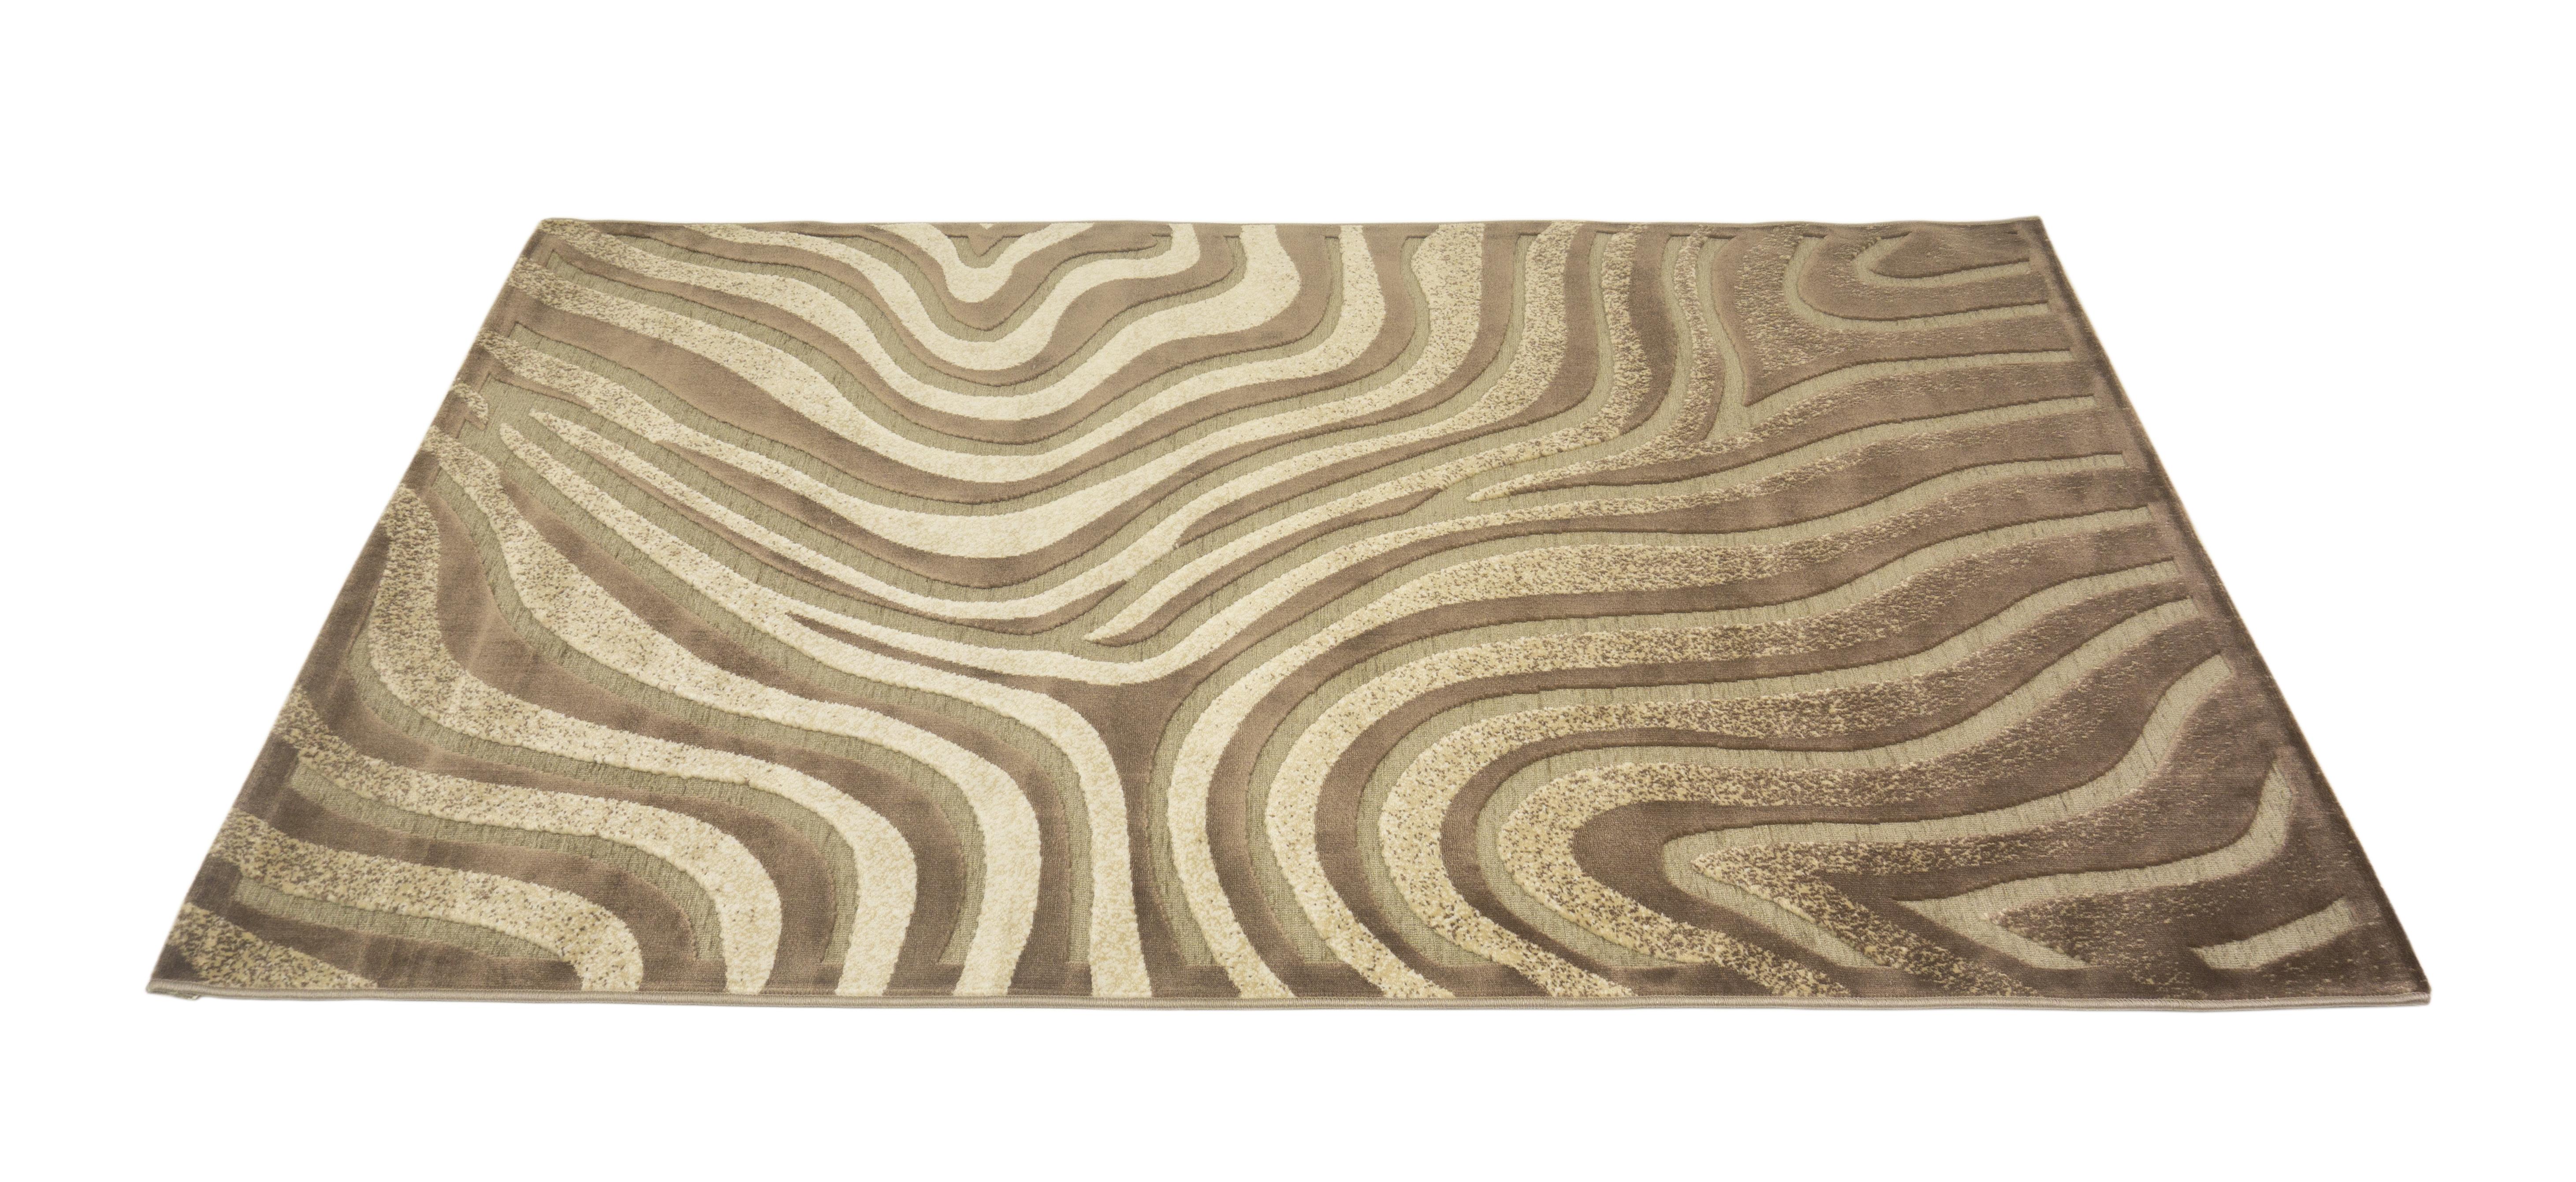 Ковер MADONNA 1,5х2,30/прямоугольник/80001А/беж-коричневый4690317094913Ковер интерьерный